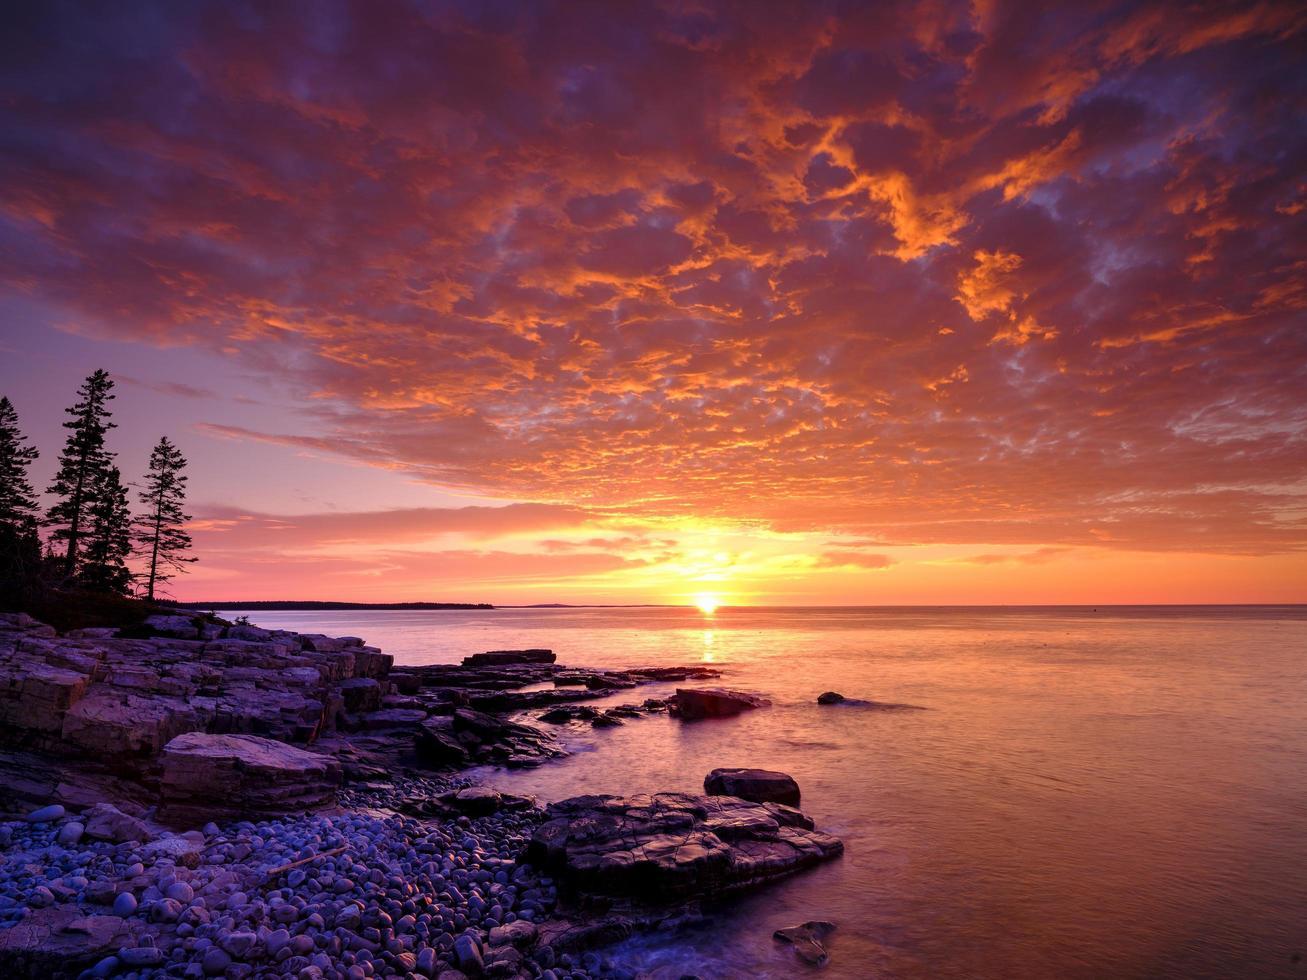 schilderachtig uitzicht op de oceaan zonsondergang foto